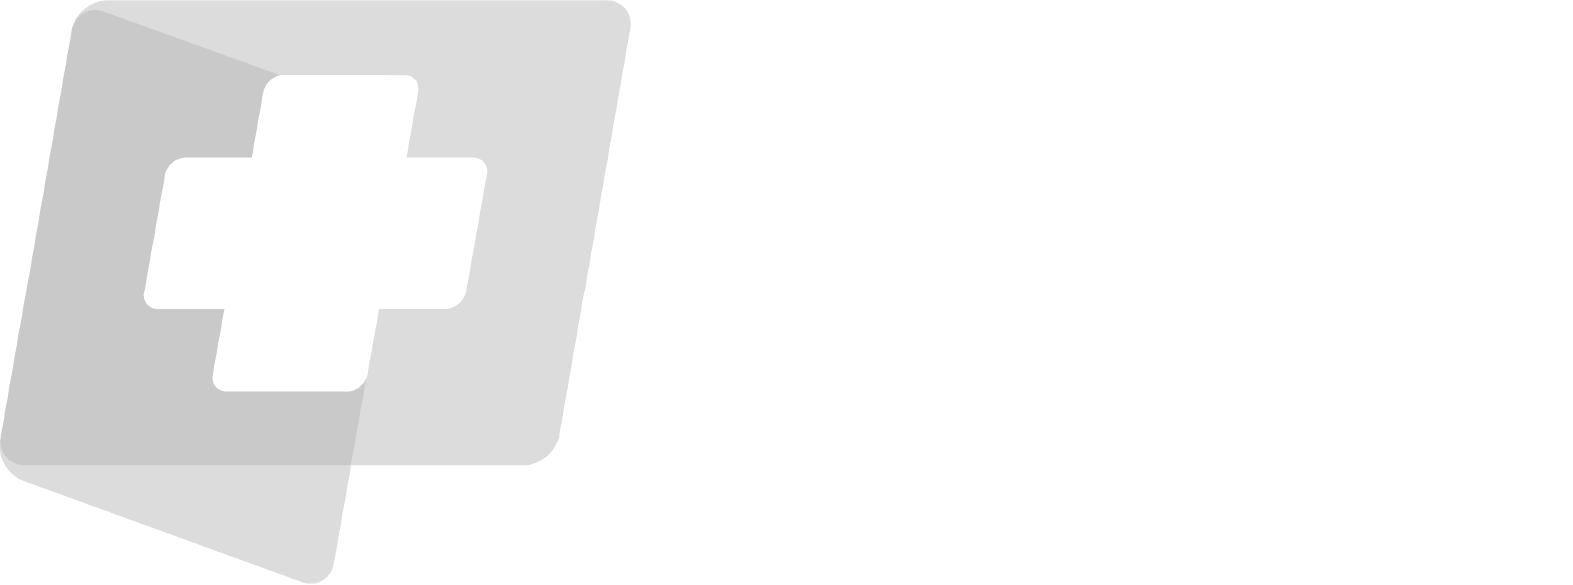 Droga Raia – Segmentos